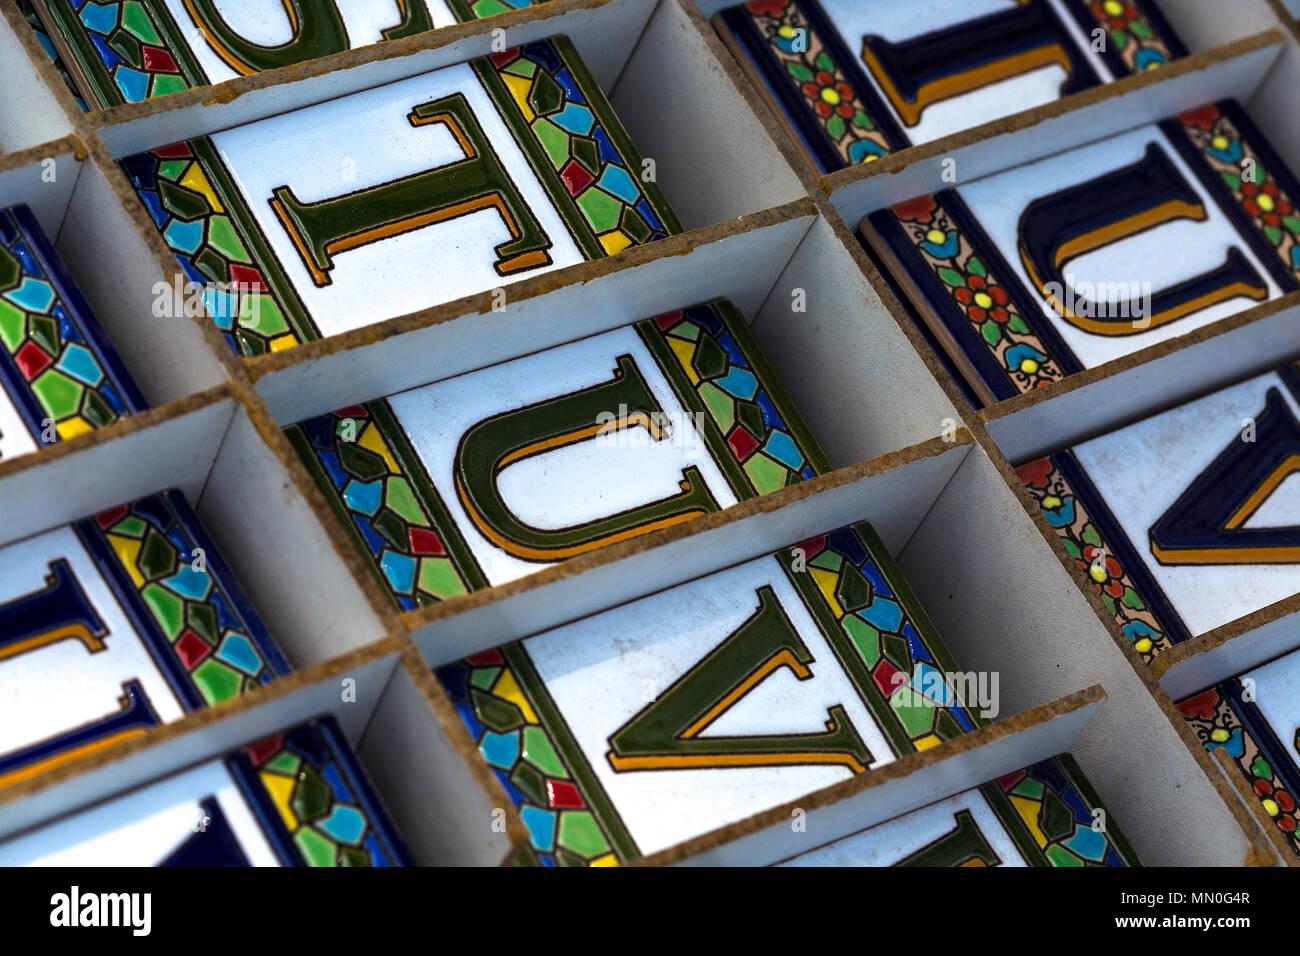 Lettere ceramiche immagini lettere ceramiche fotos stock alamy